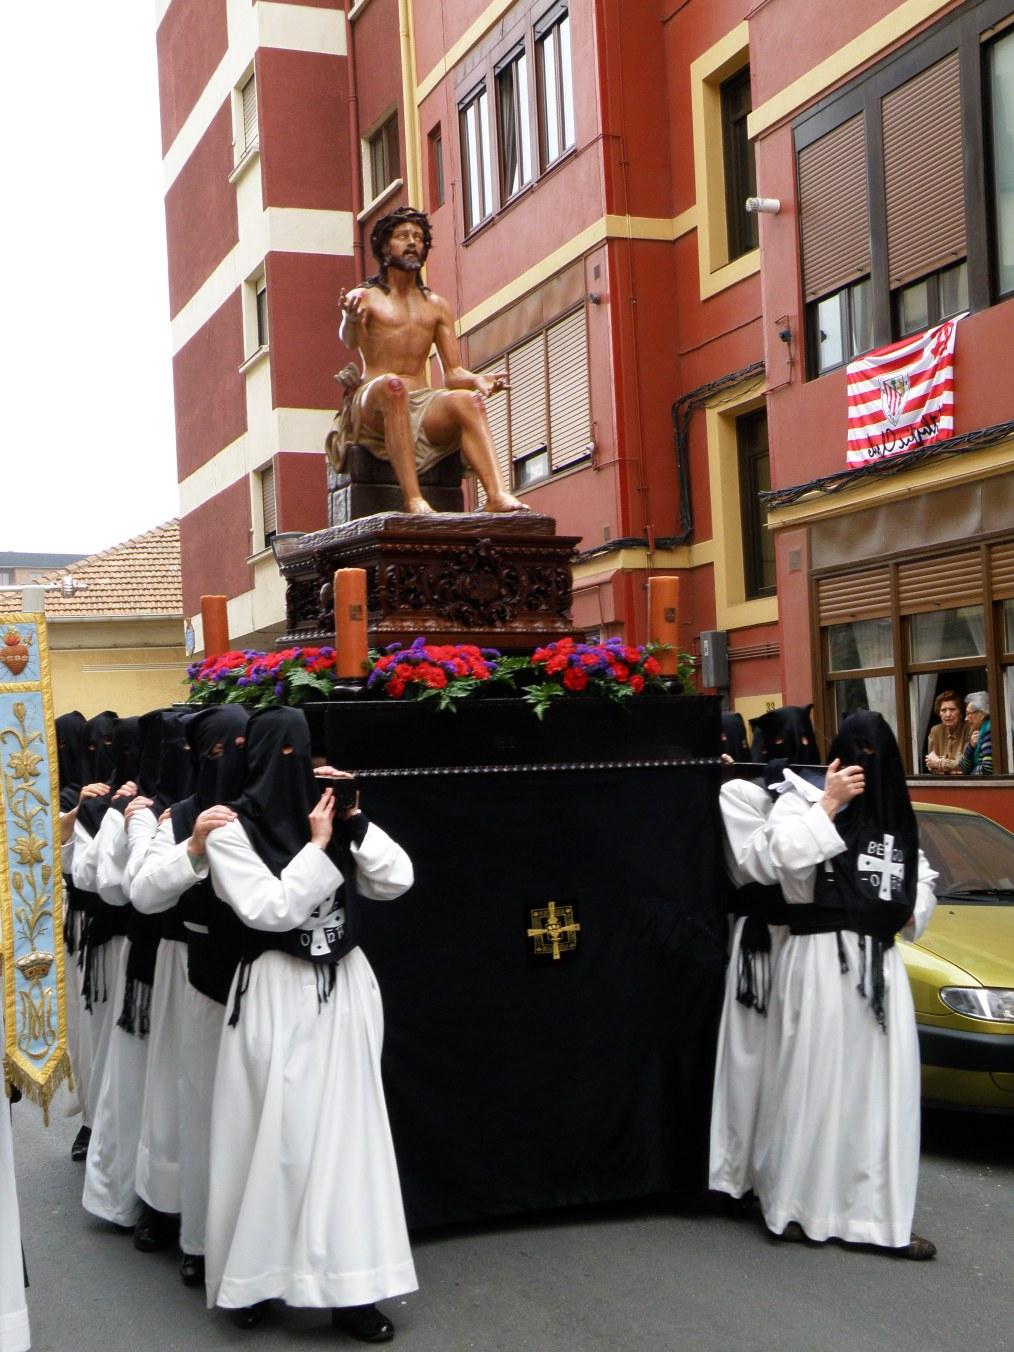 Semana Santa em Bilbao